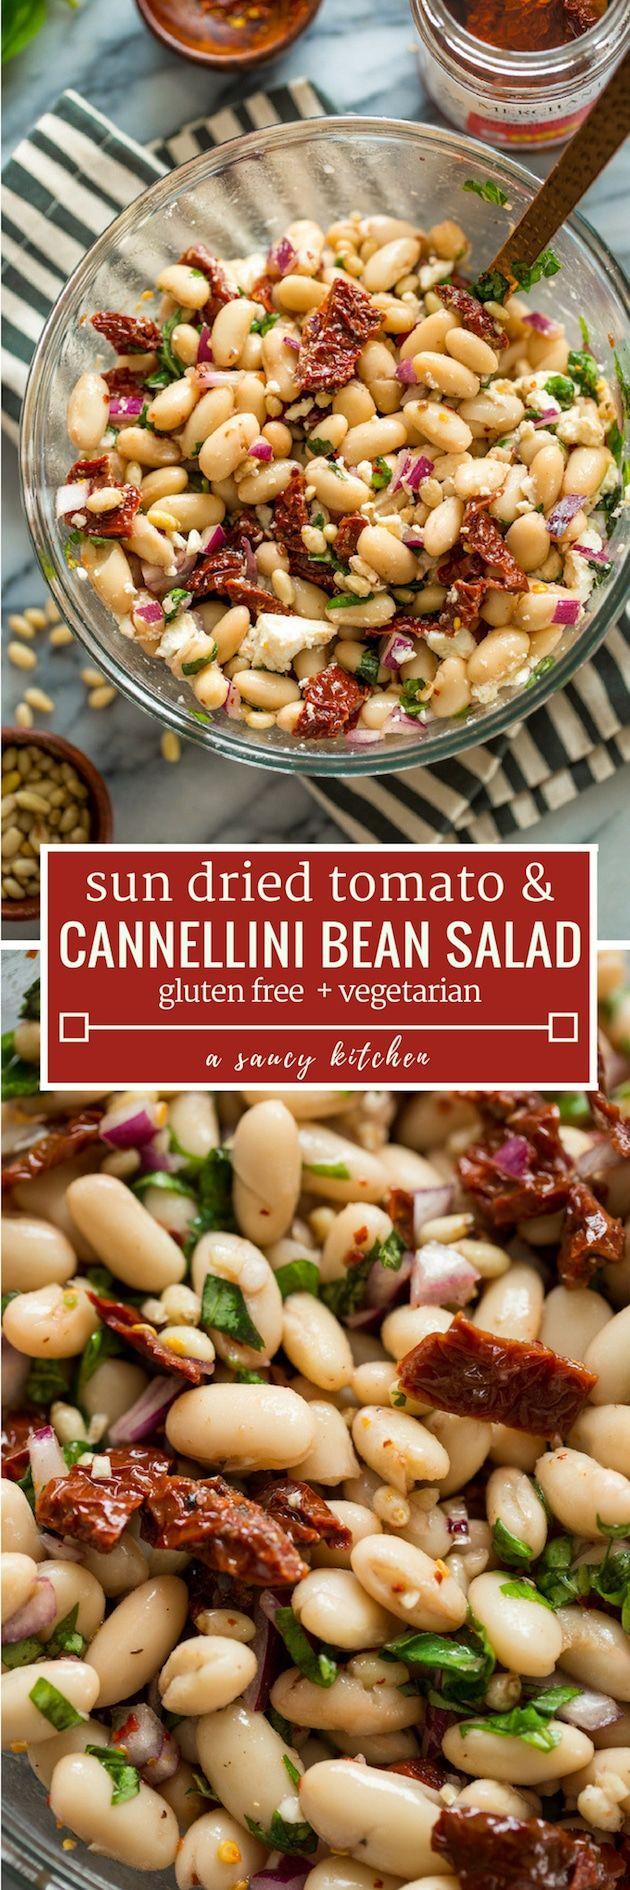 Sun Dried Tomato Cannellini Bean Salad